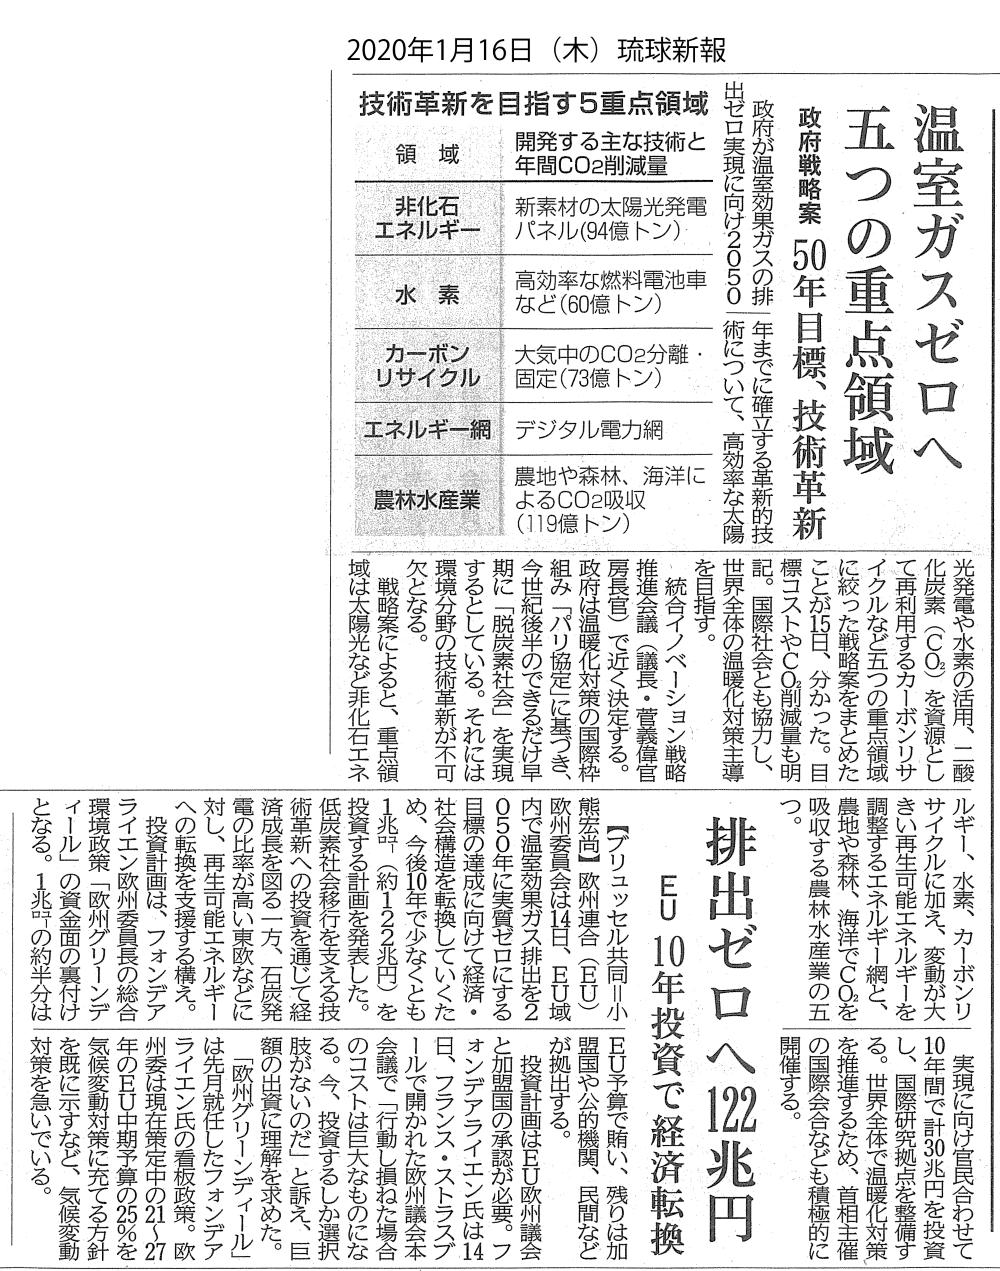 琉球新報 温室ガスゼロへ五つの重点領域